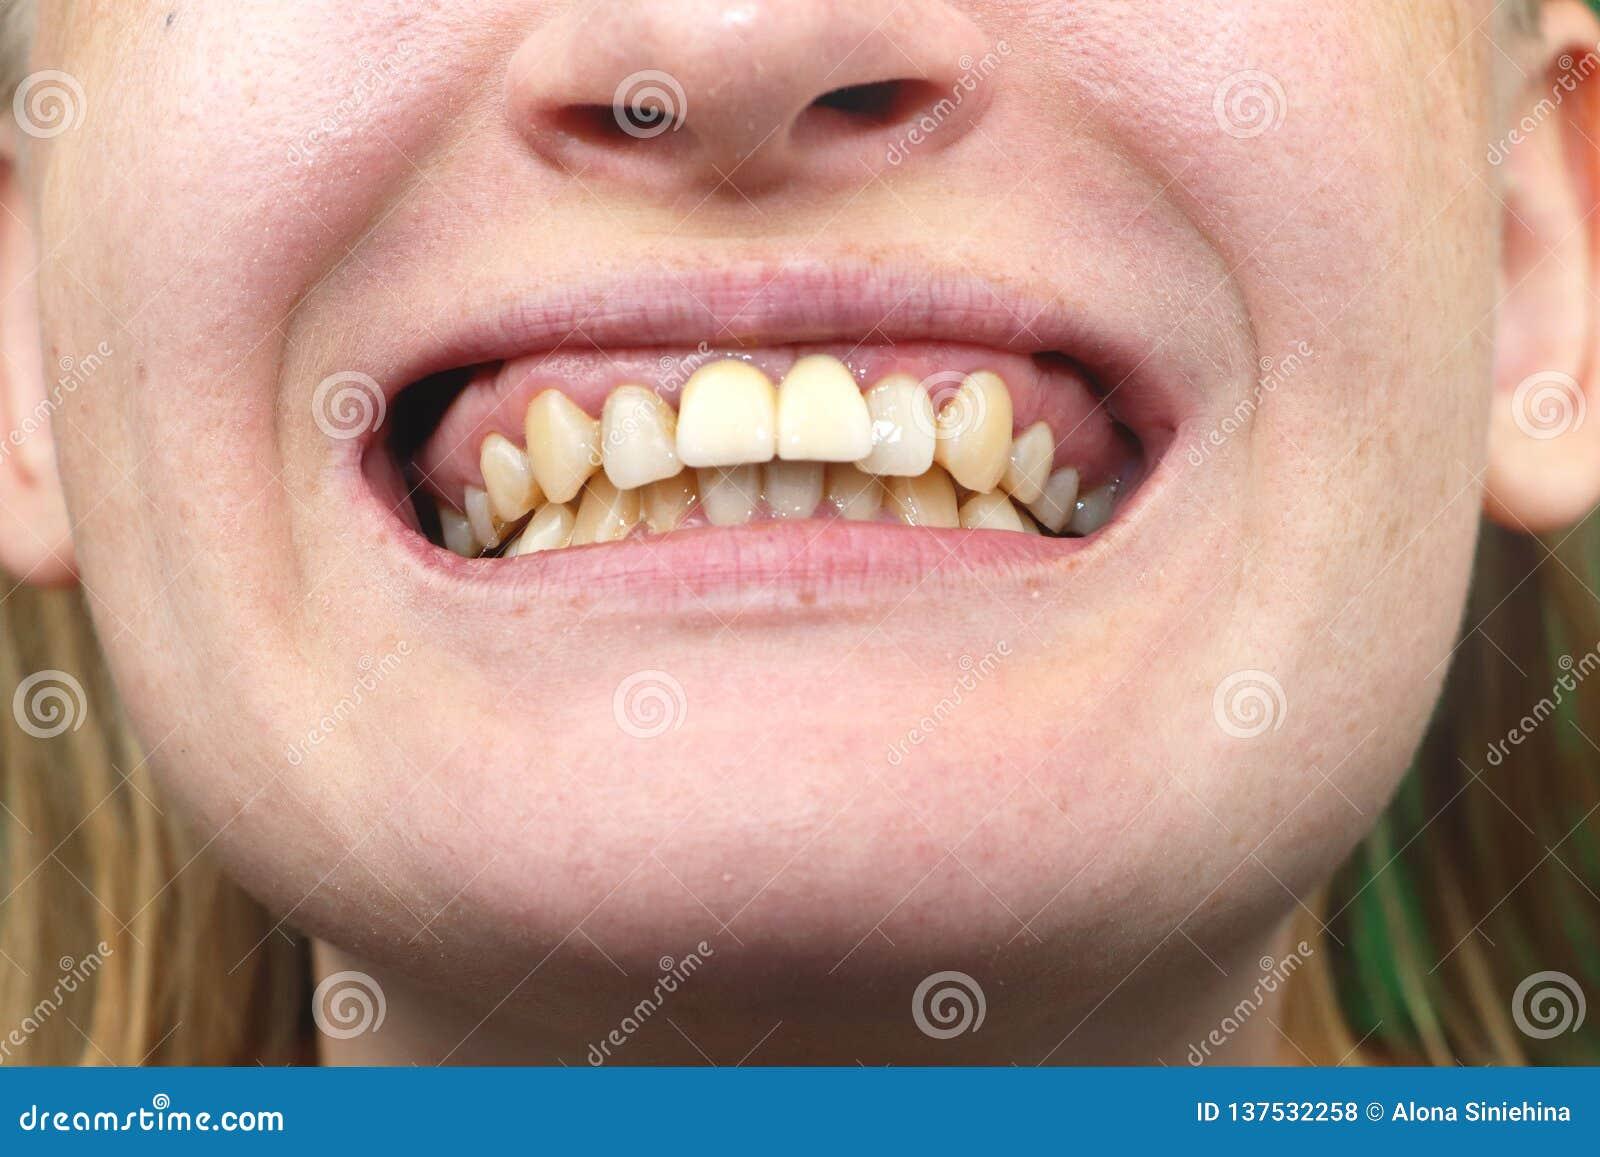 Close-up van niet succesvol geïnplanteerde tandimplants